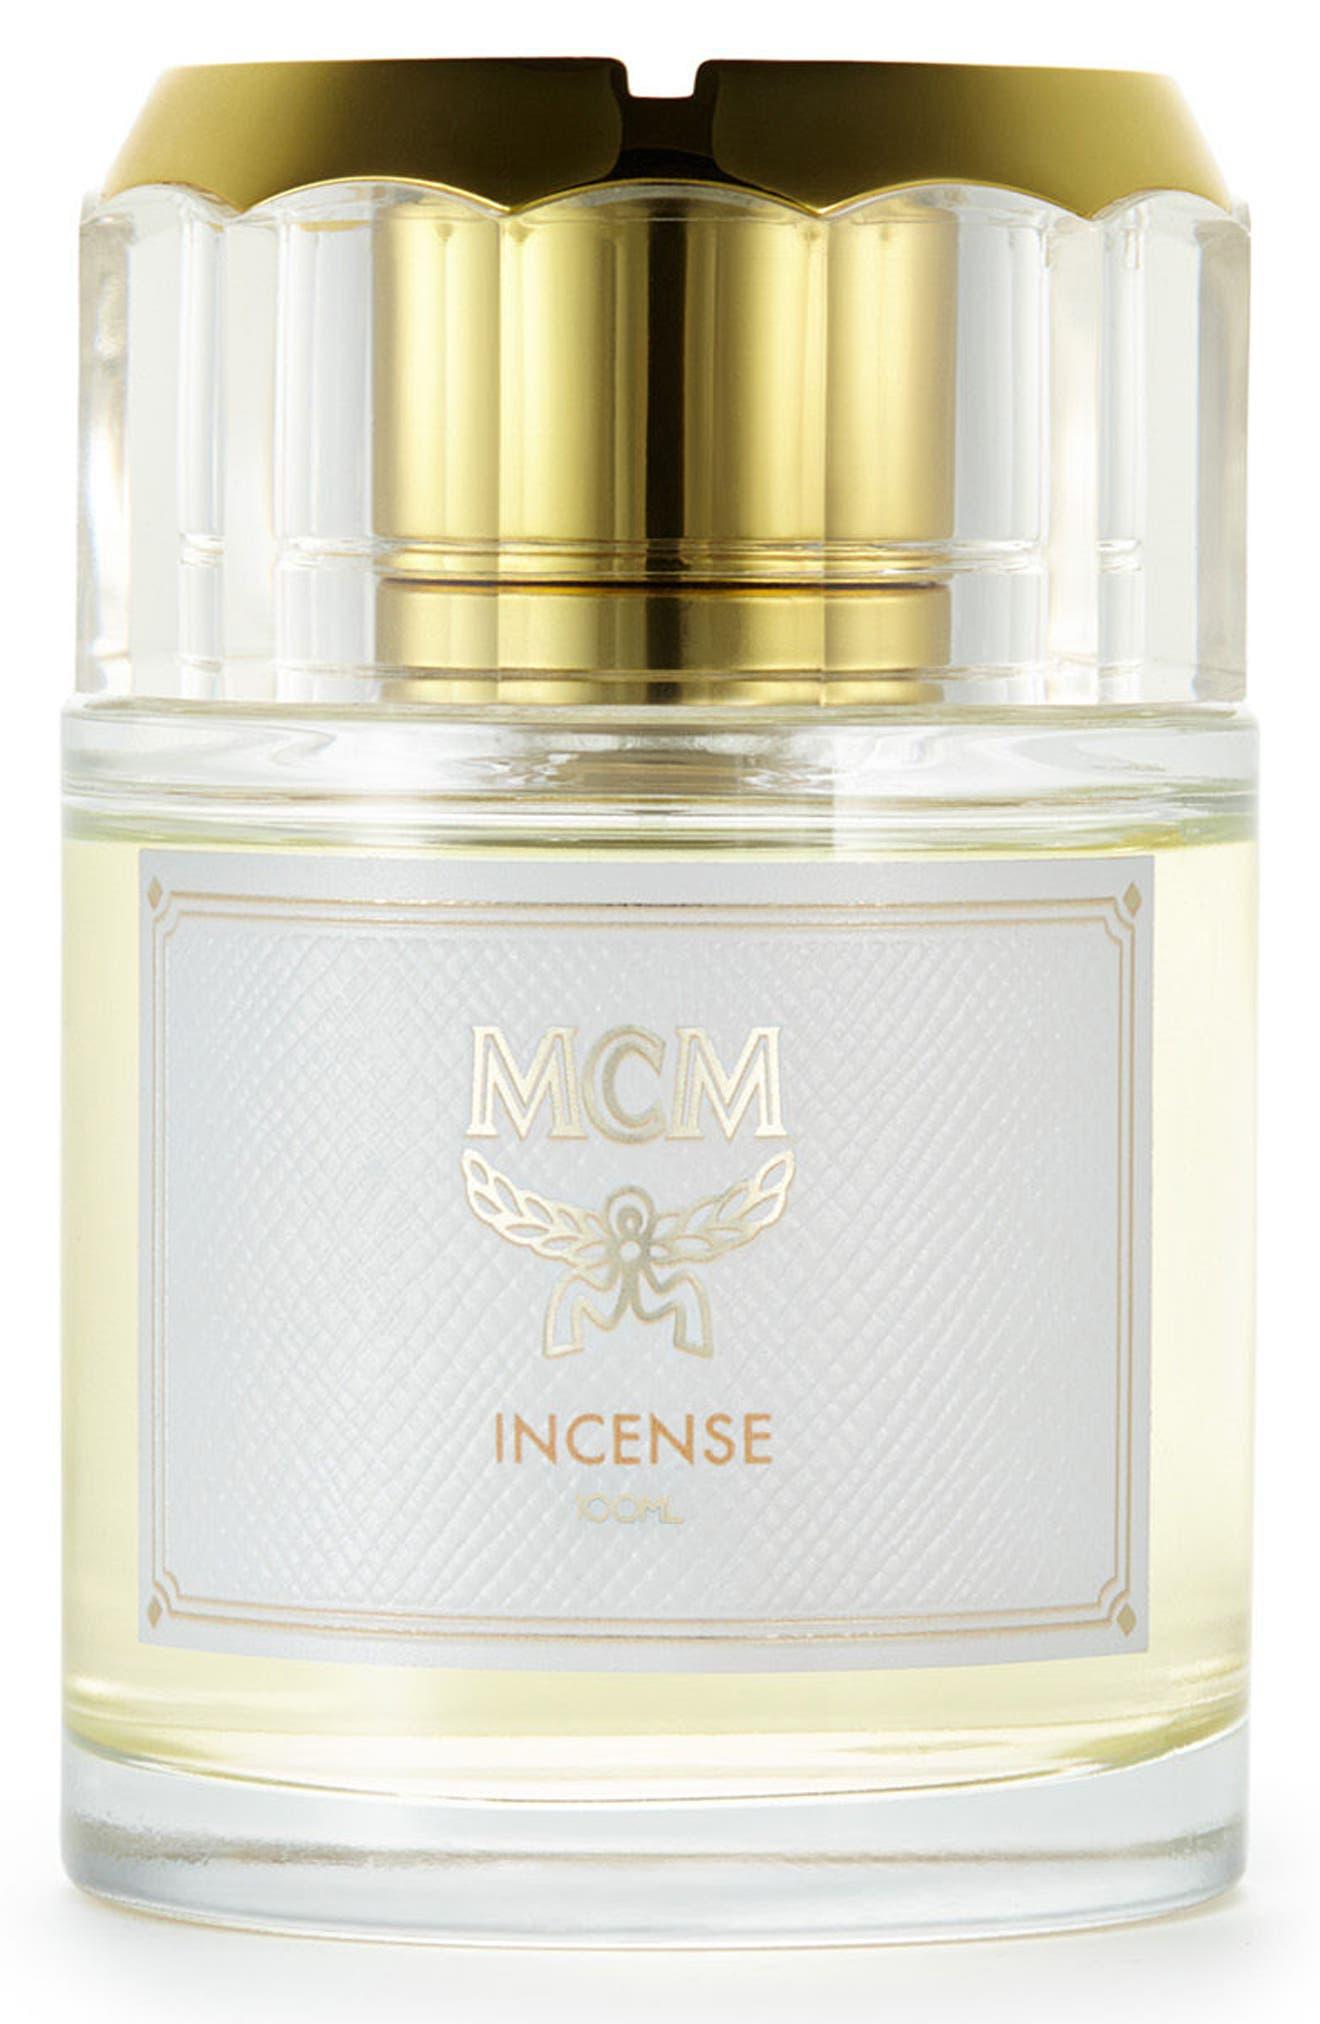 MCM Incense Water Perfume